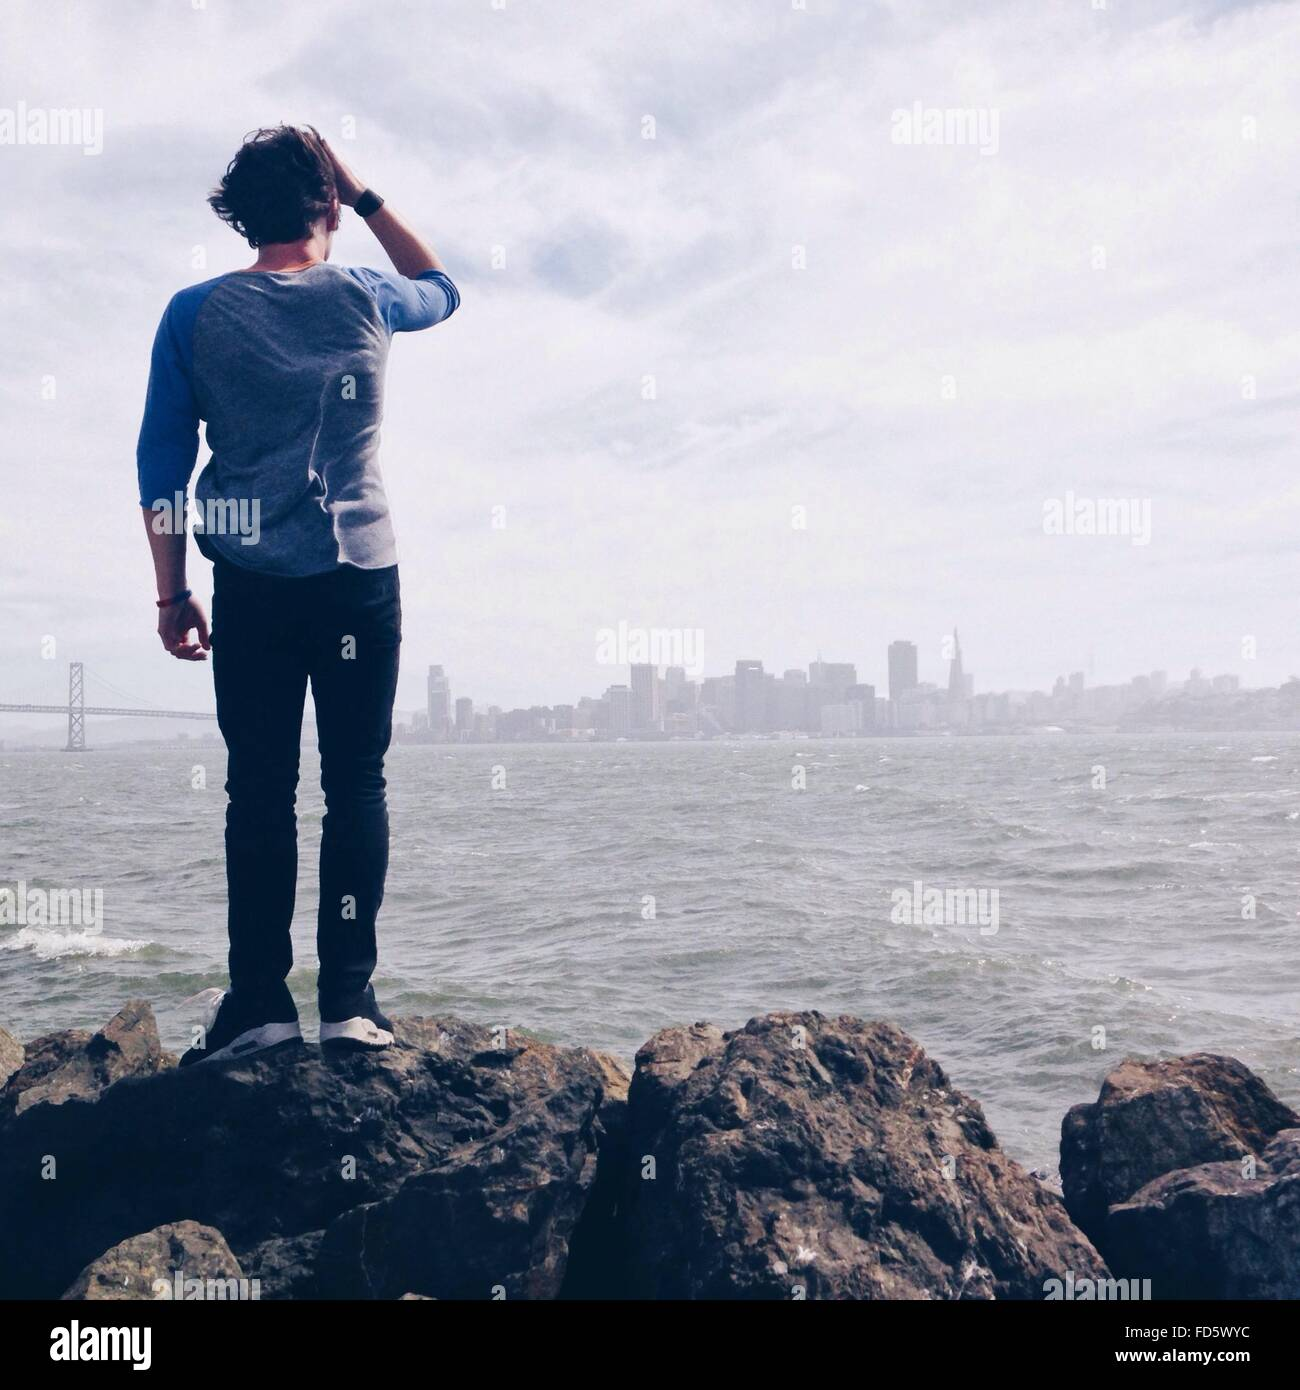 Mann auf Felsen Blick auf fernen Stadt Stockbild